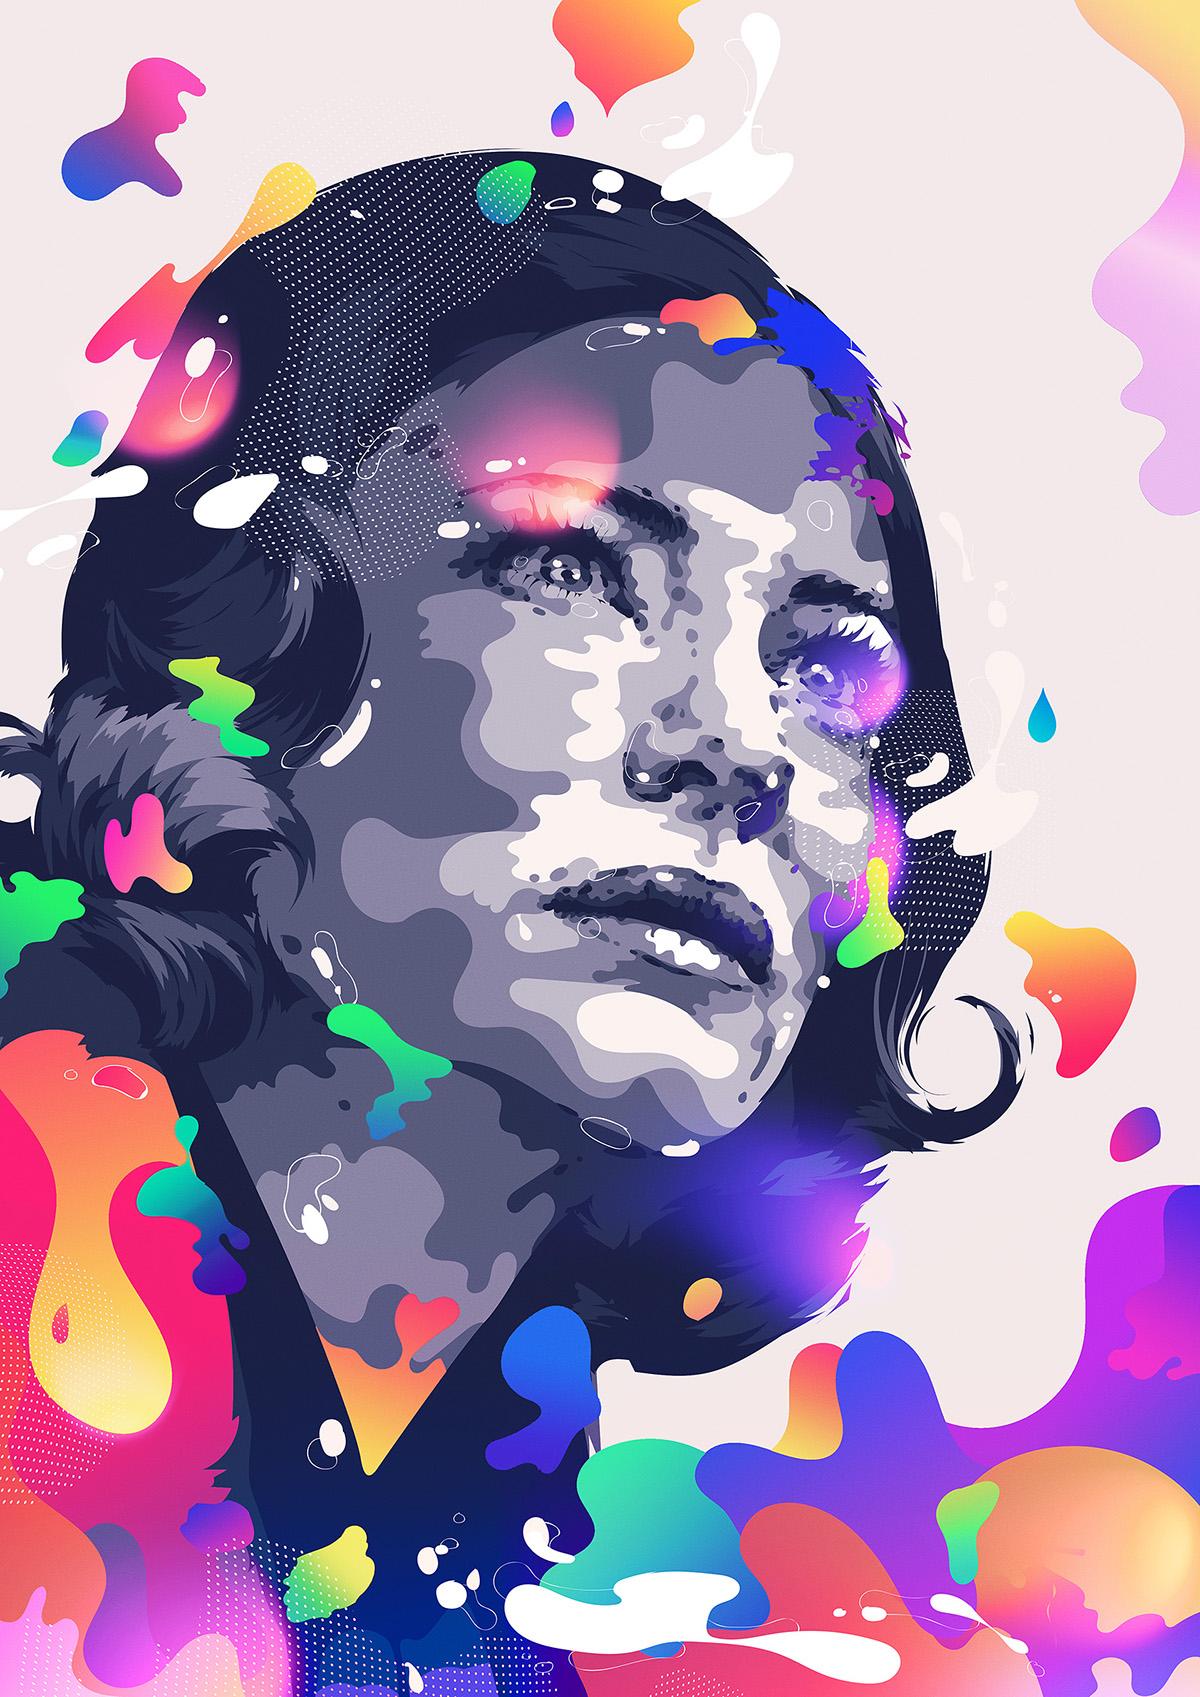 Deadline Hollywood hollywood movie stars leonardo dicaprio Emily Blunt deadline magazine color portrait Steve Jobs Michael Fassbender Cate Blanchett celeb